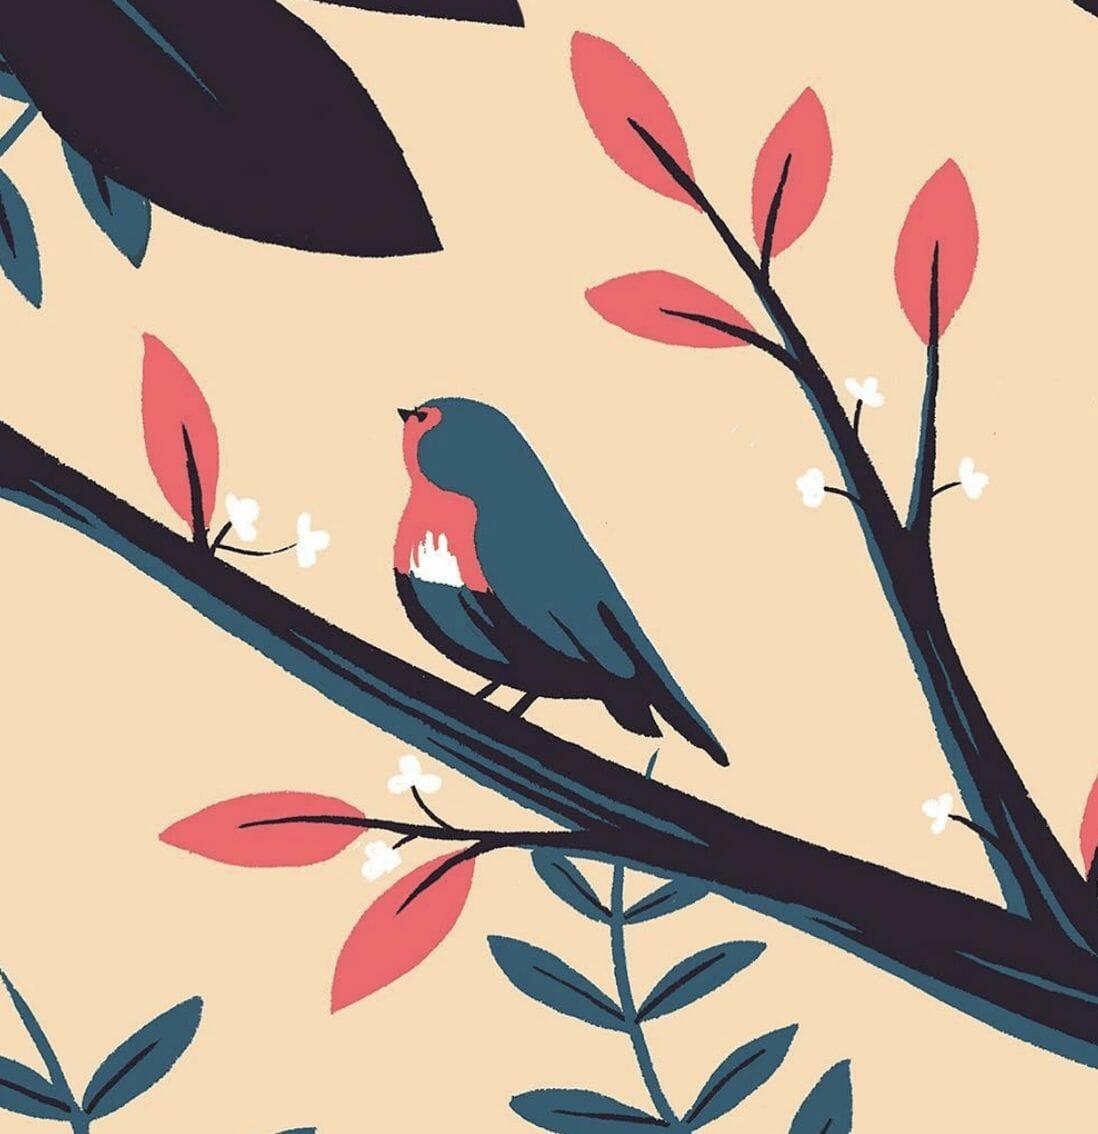 oiseau - - illustration d'un paysage réalisée par Tom Haugomat